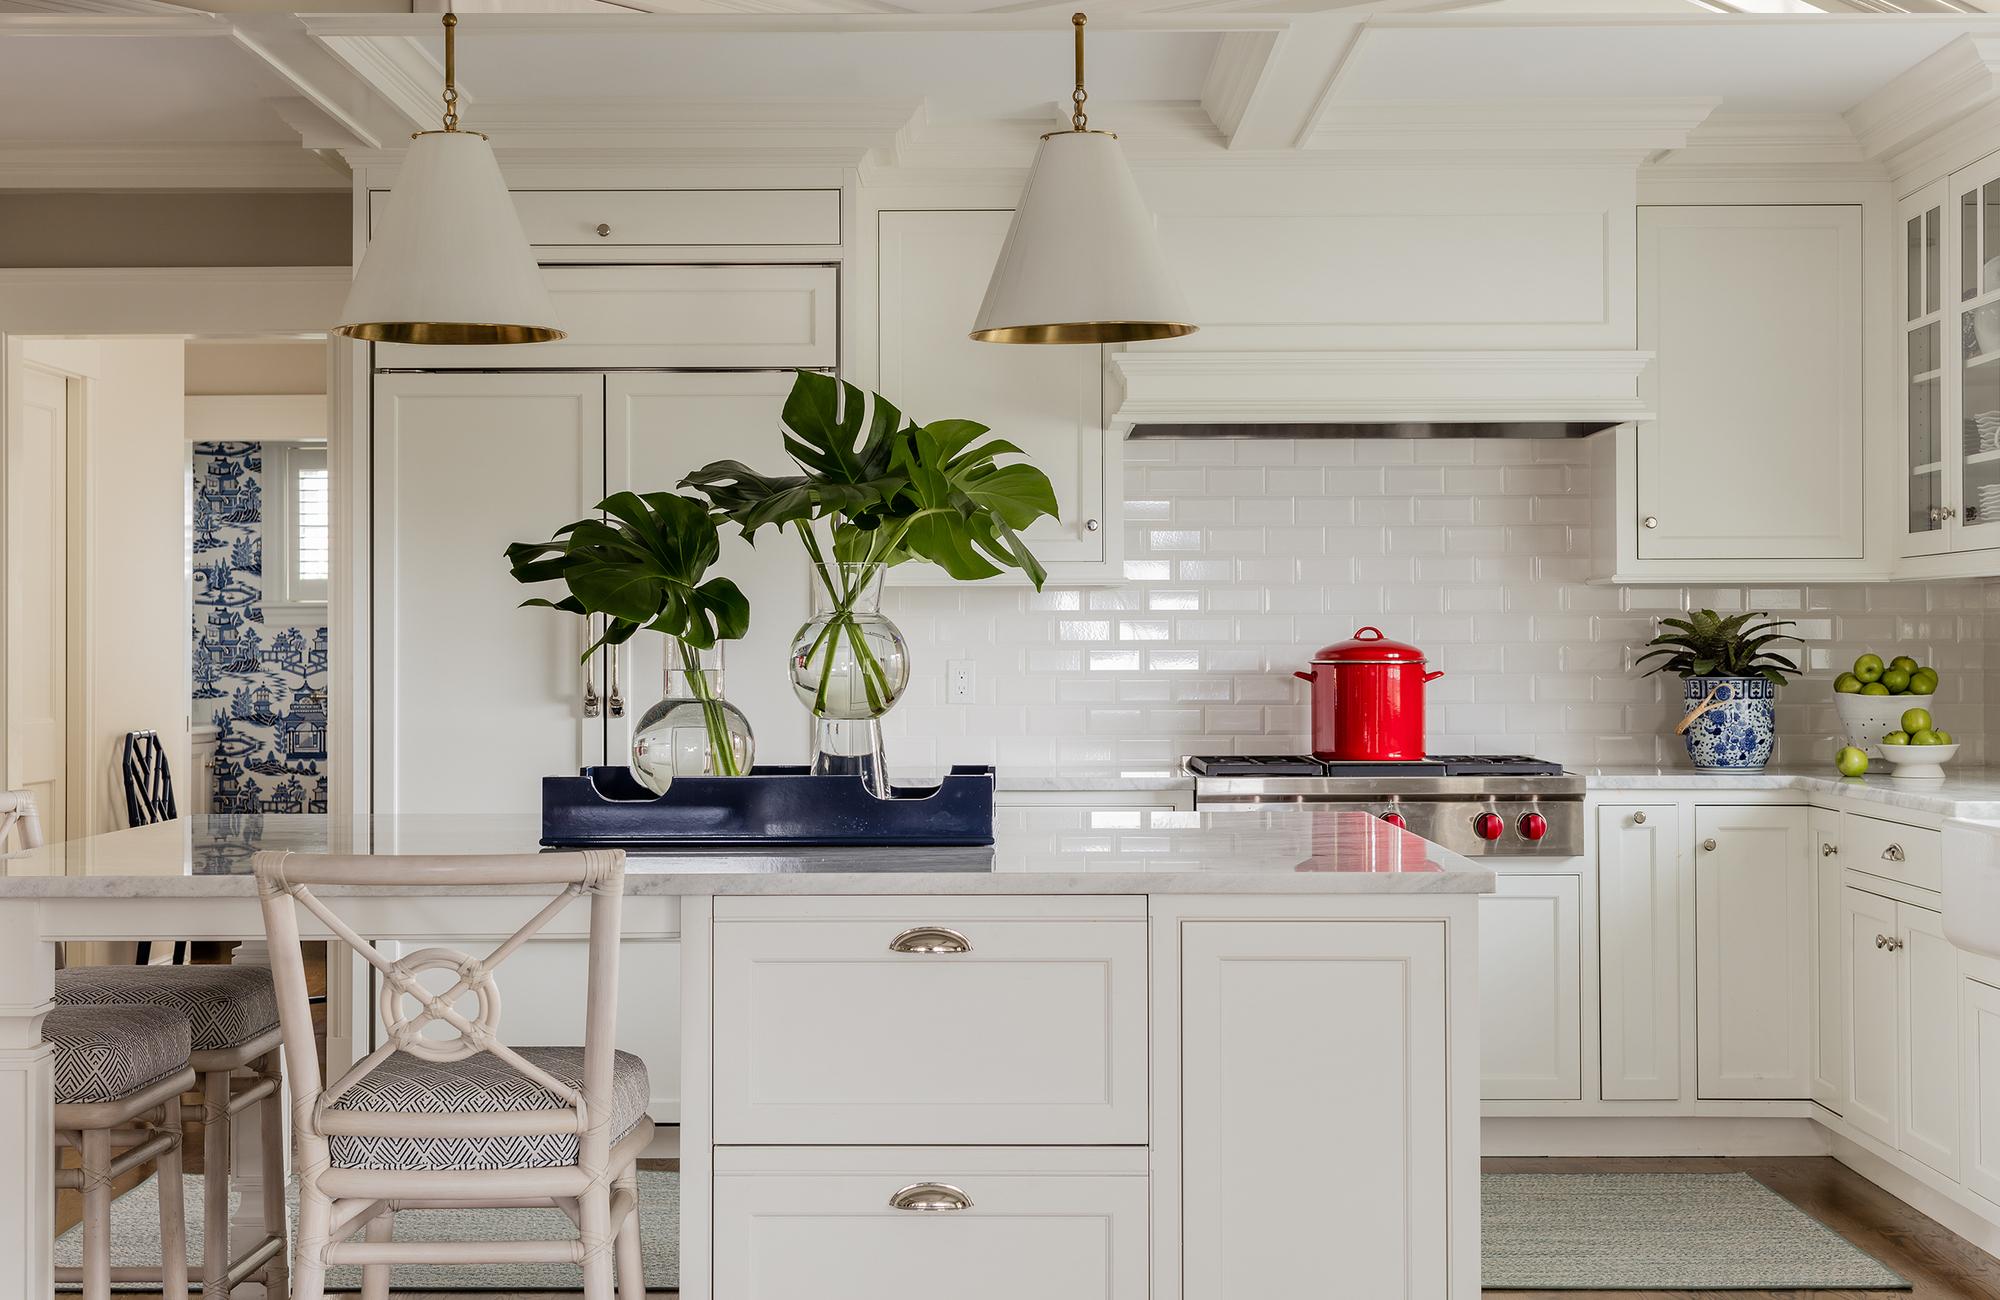 Anita Clark Design, High End Kitchen Renovation in Boston, North Shore, Cape & Islands.